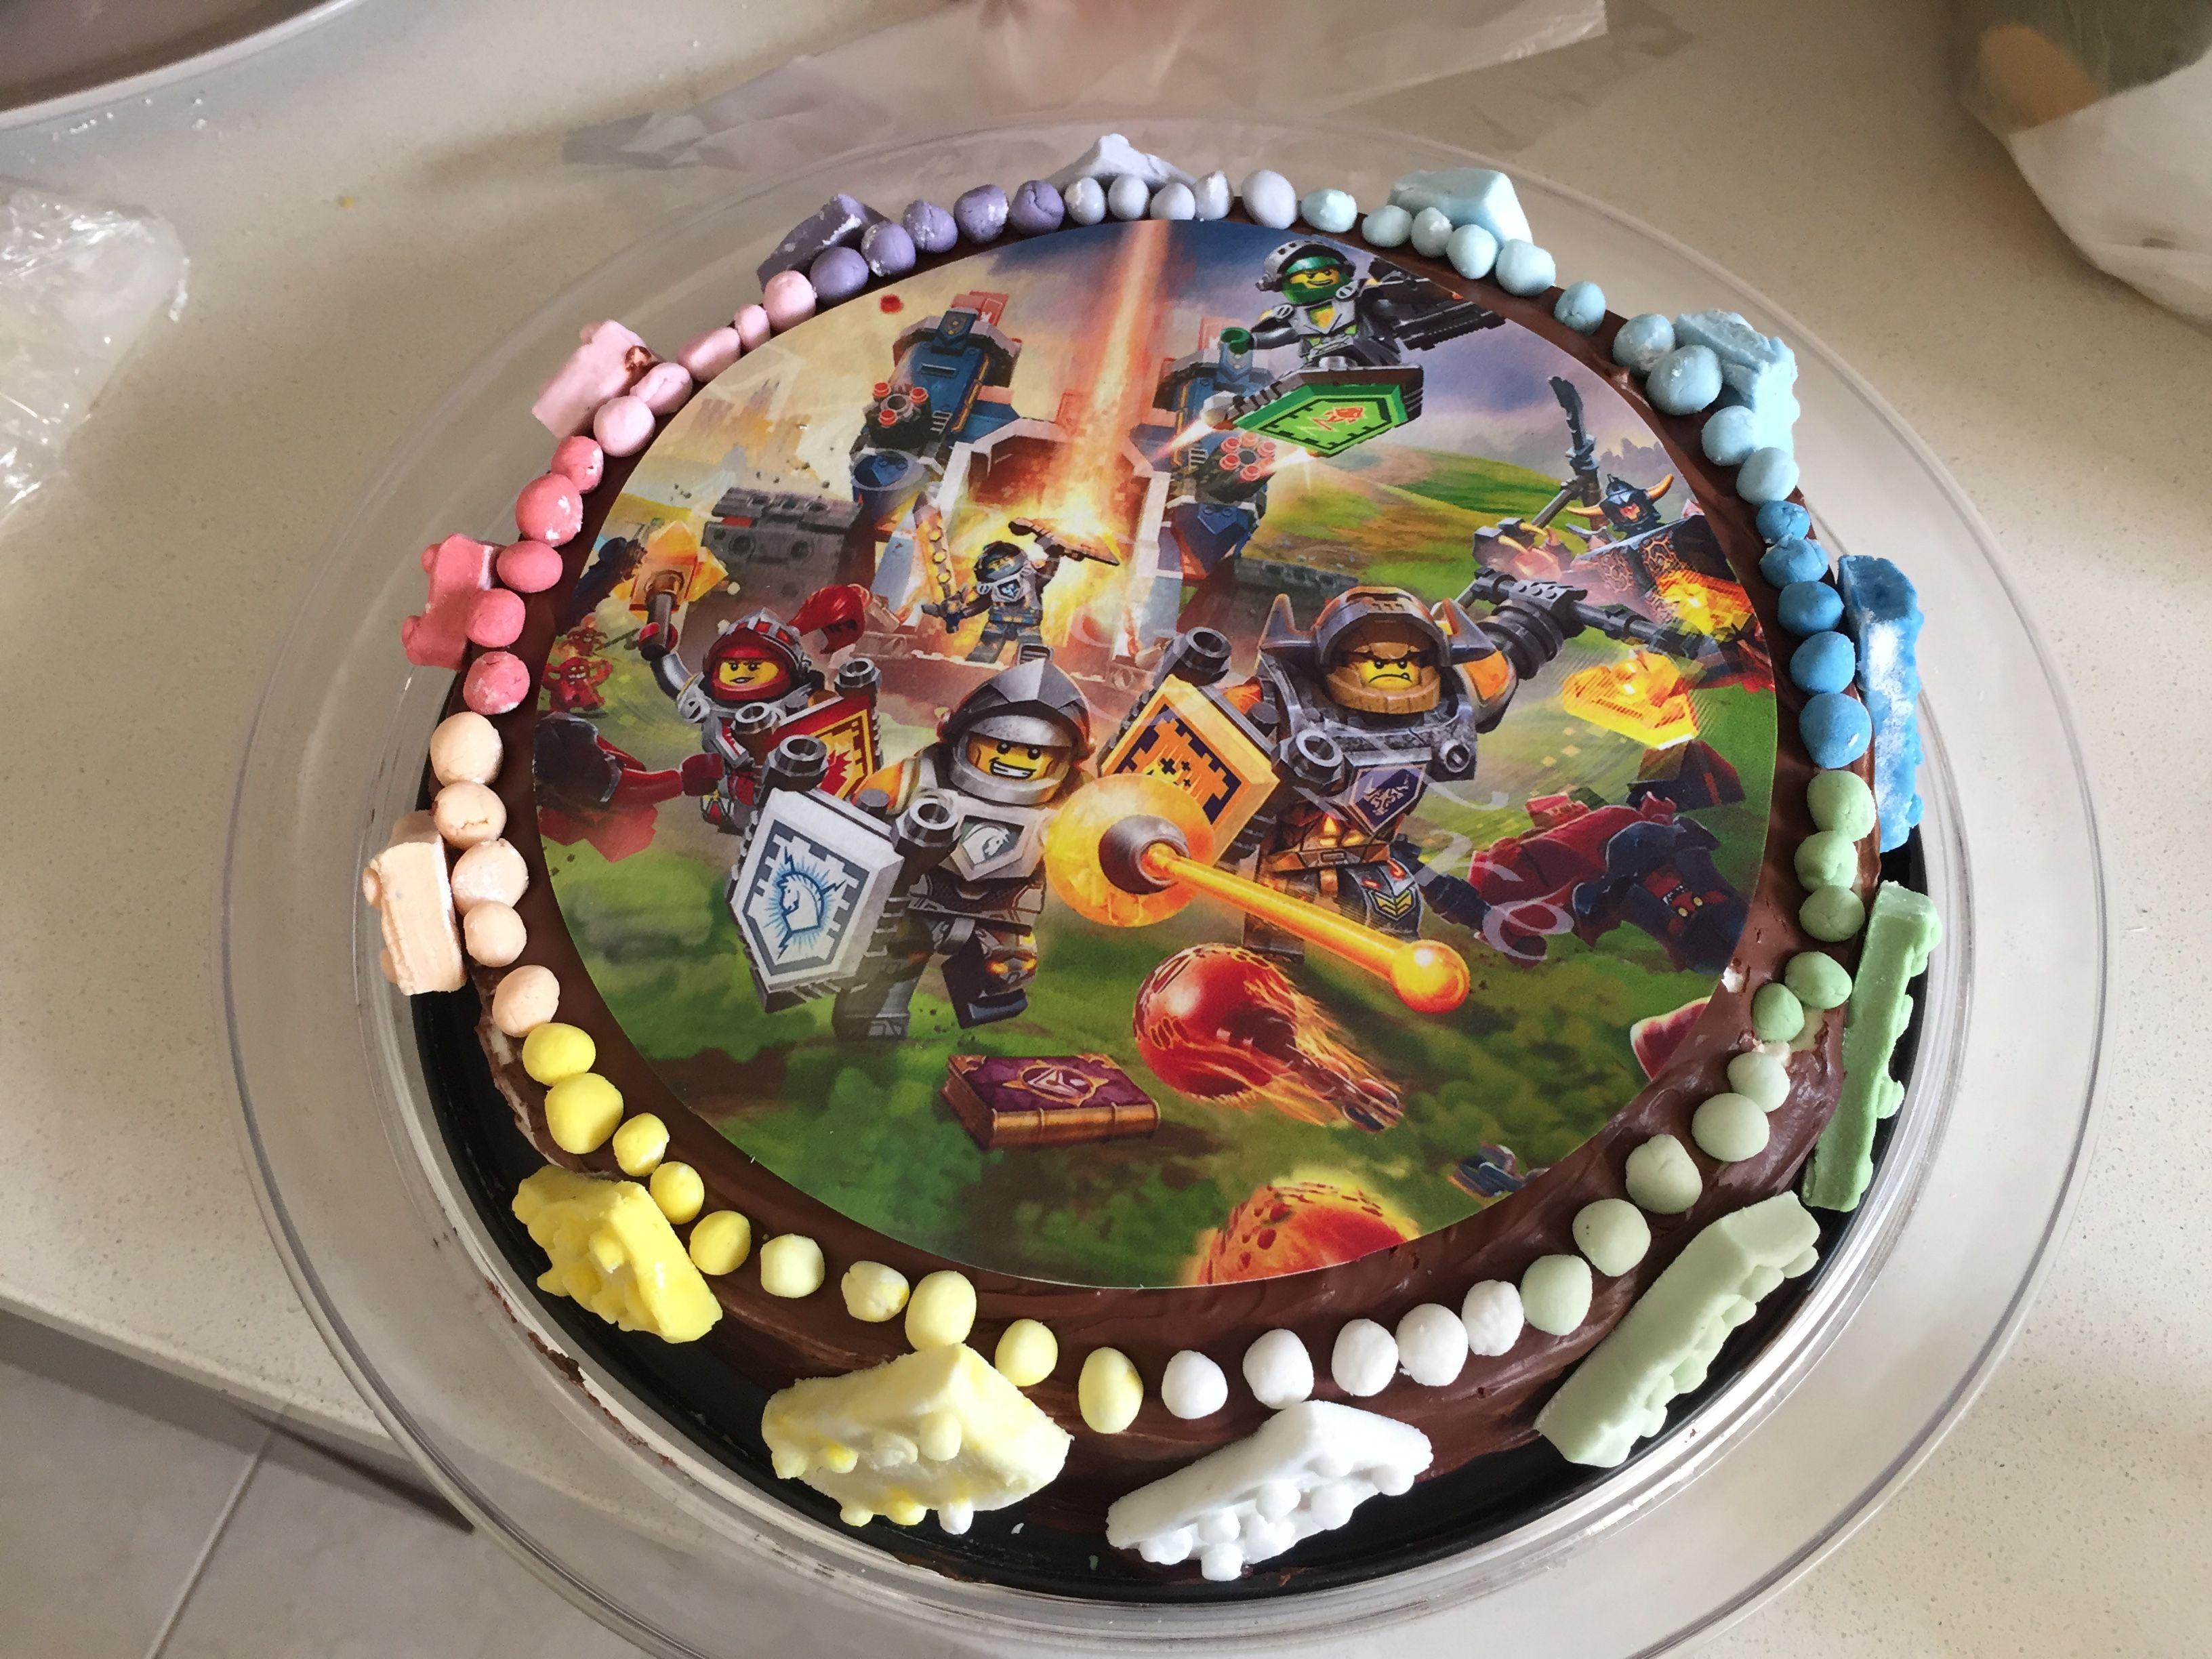 Lego nexo knights cake Cakes Pinterest Knight cake Cake and